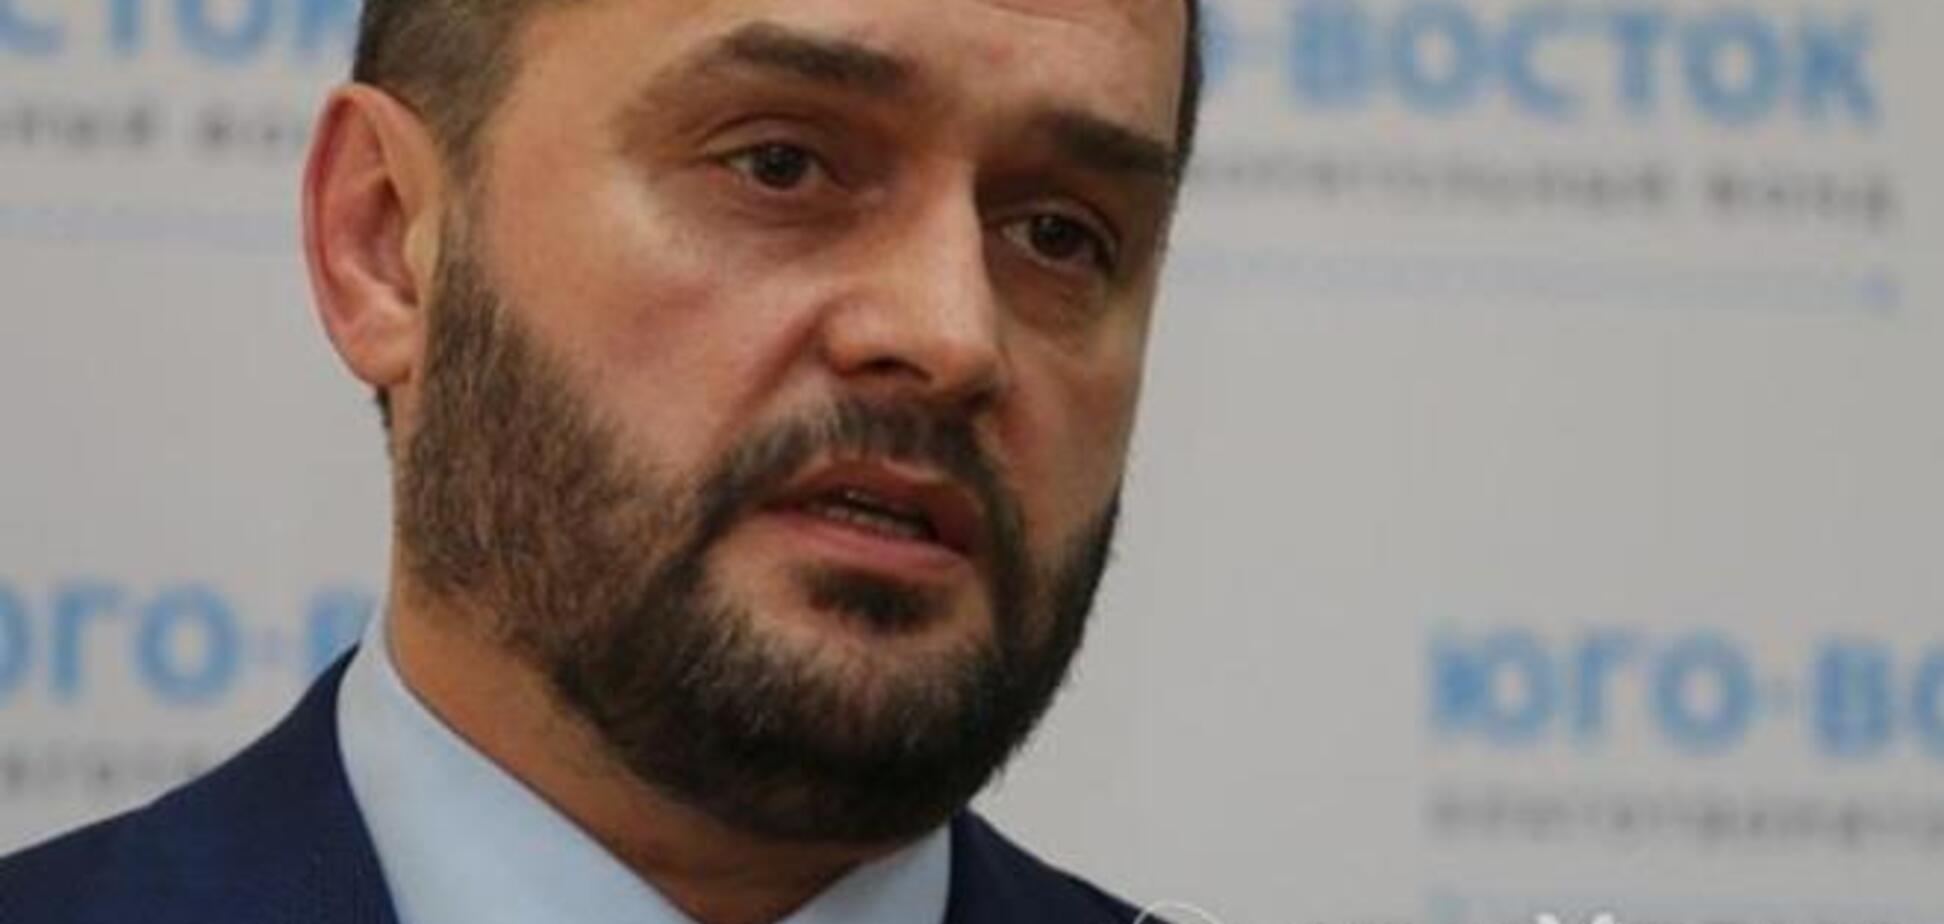 В Севастополе экс-глава МВД Захарченко признался в получении российского гражданства